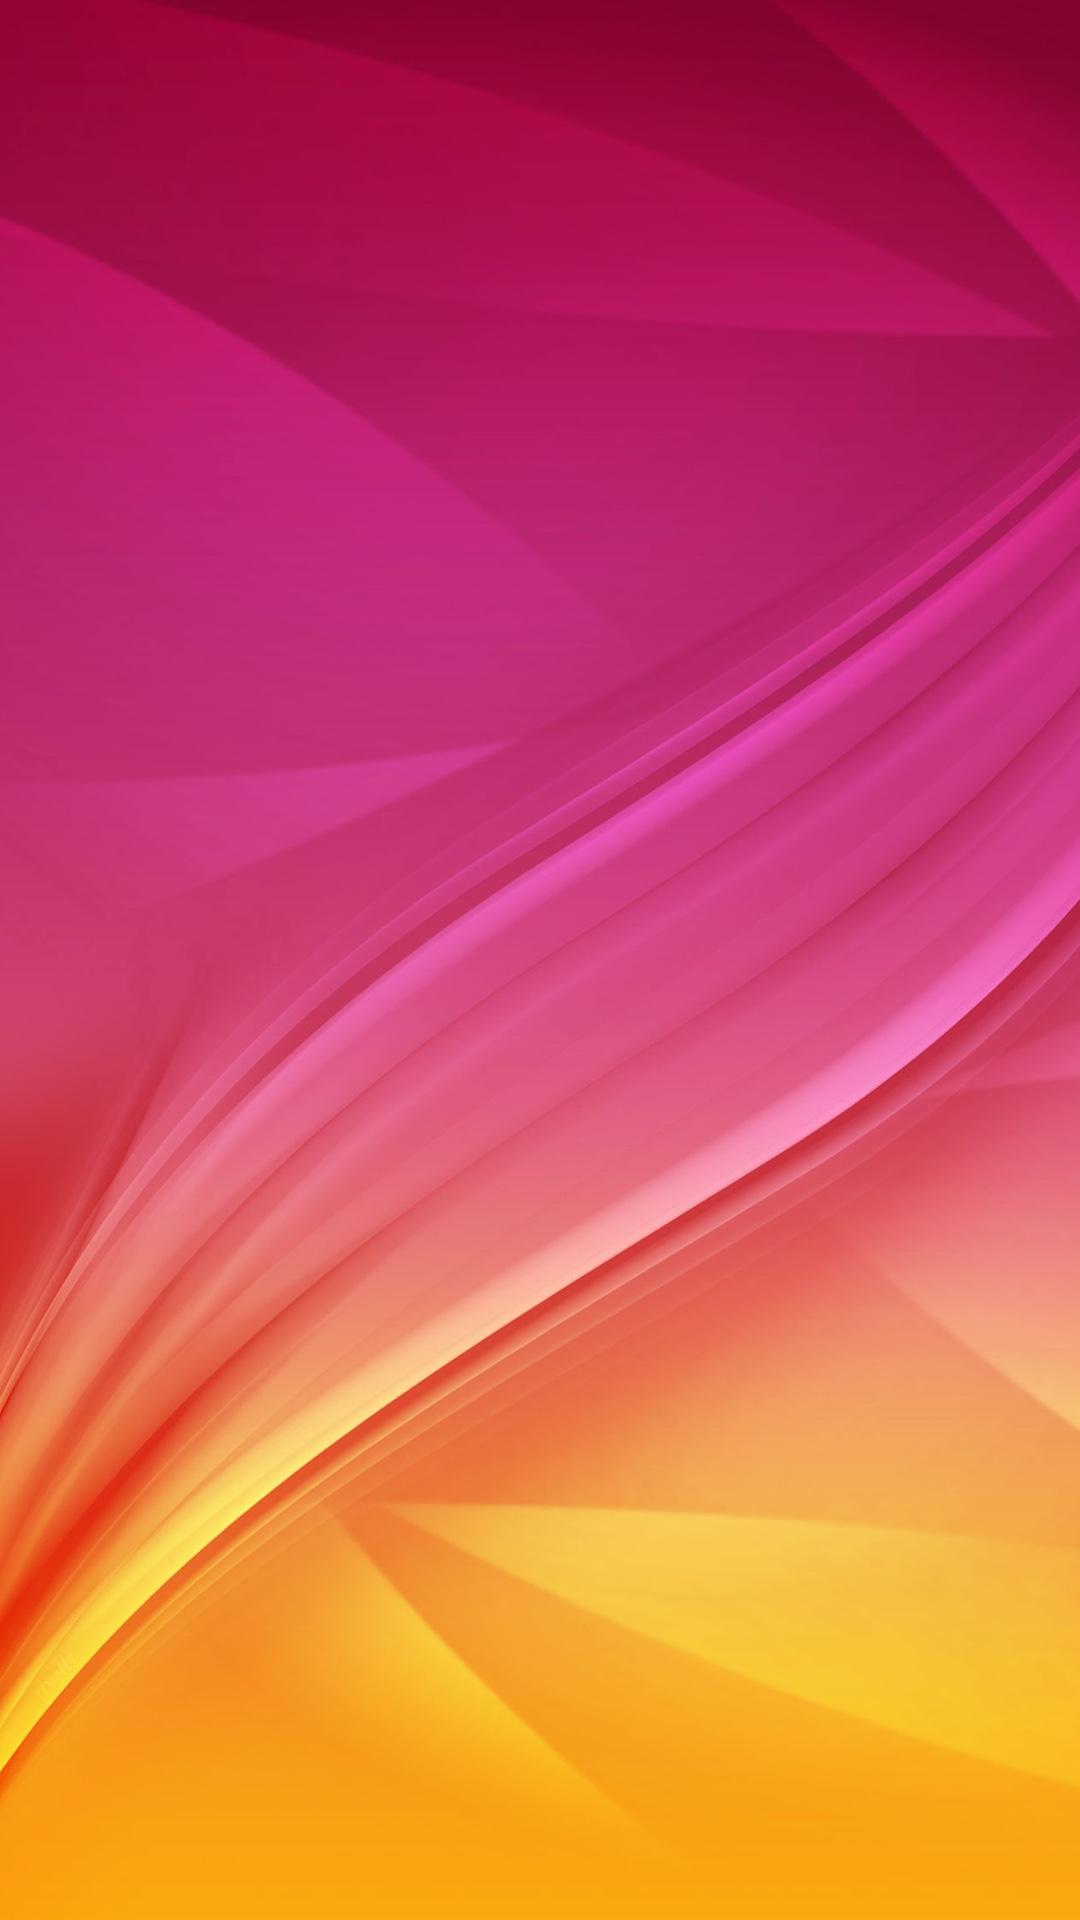 Extrêmement Wallpapers Samsung Galaxy A7 - Pack 003 - WallsPhone ZM57